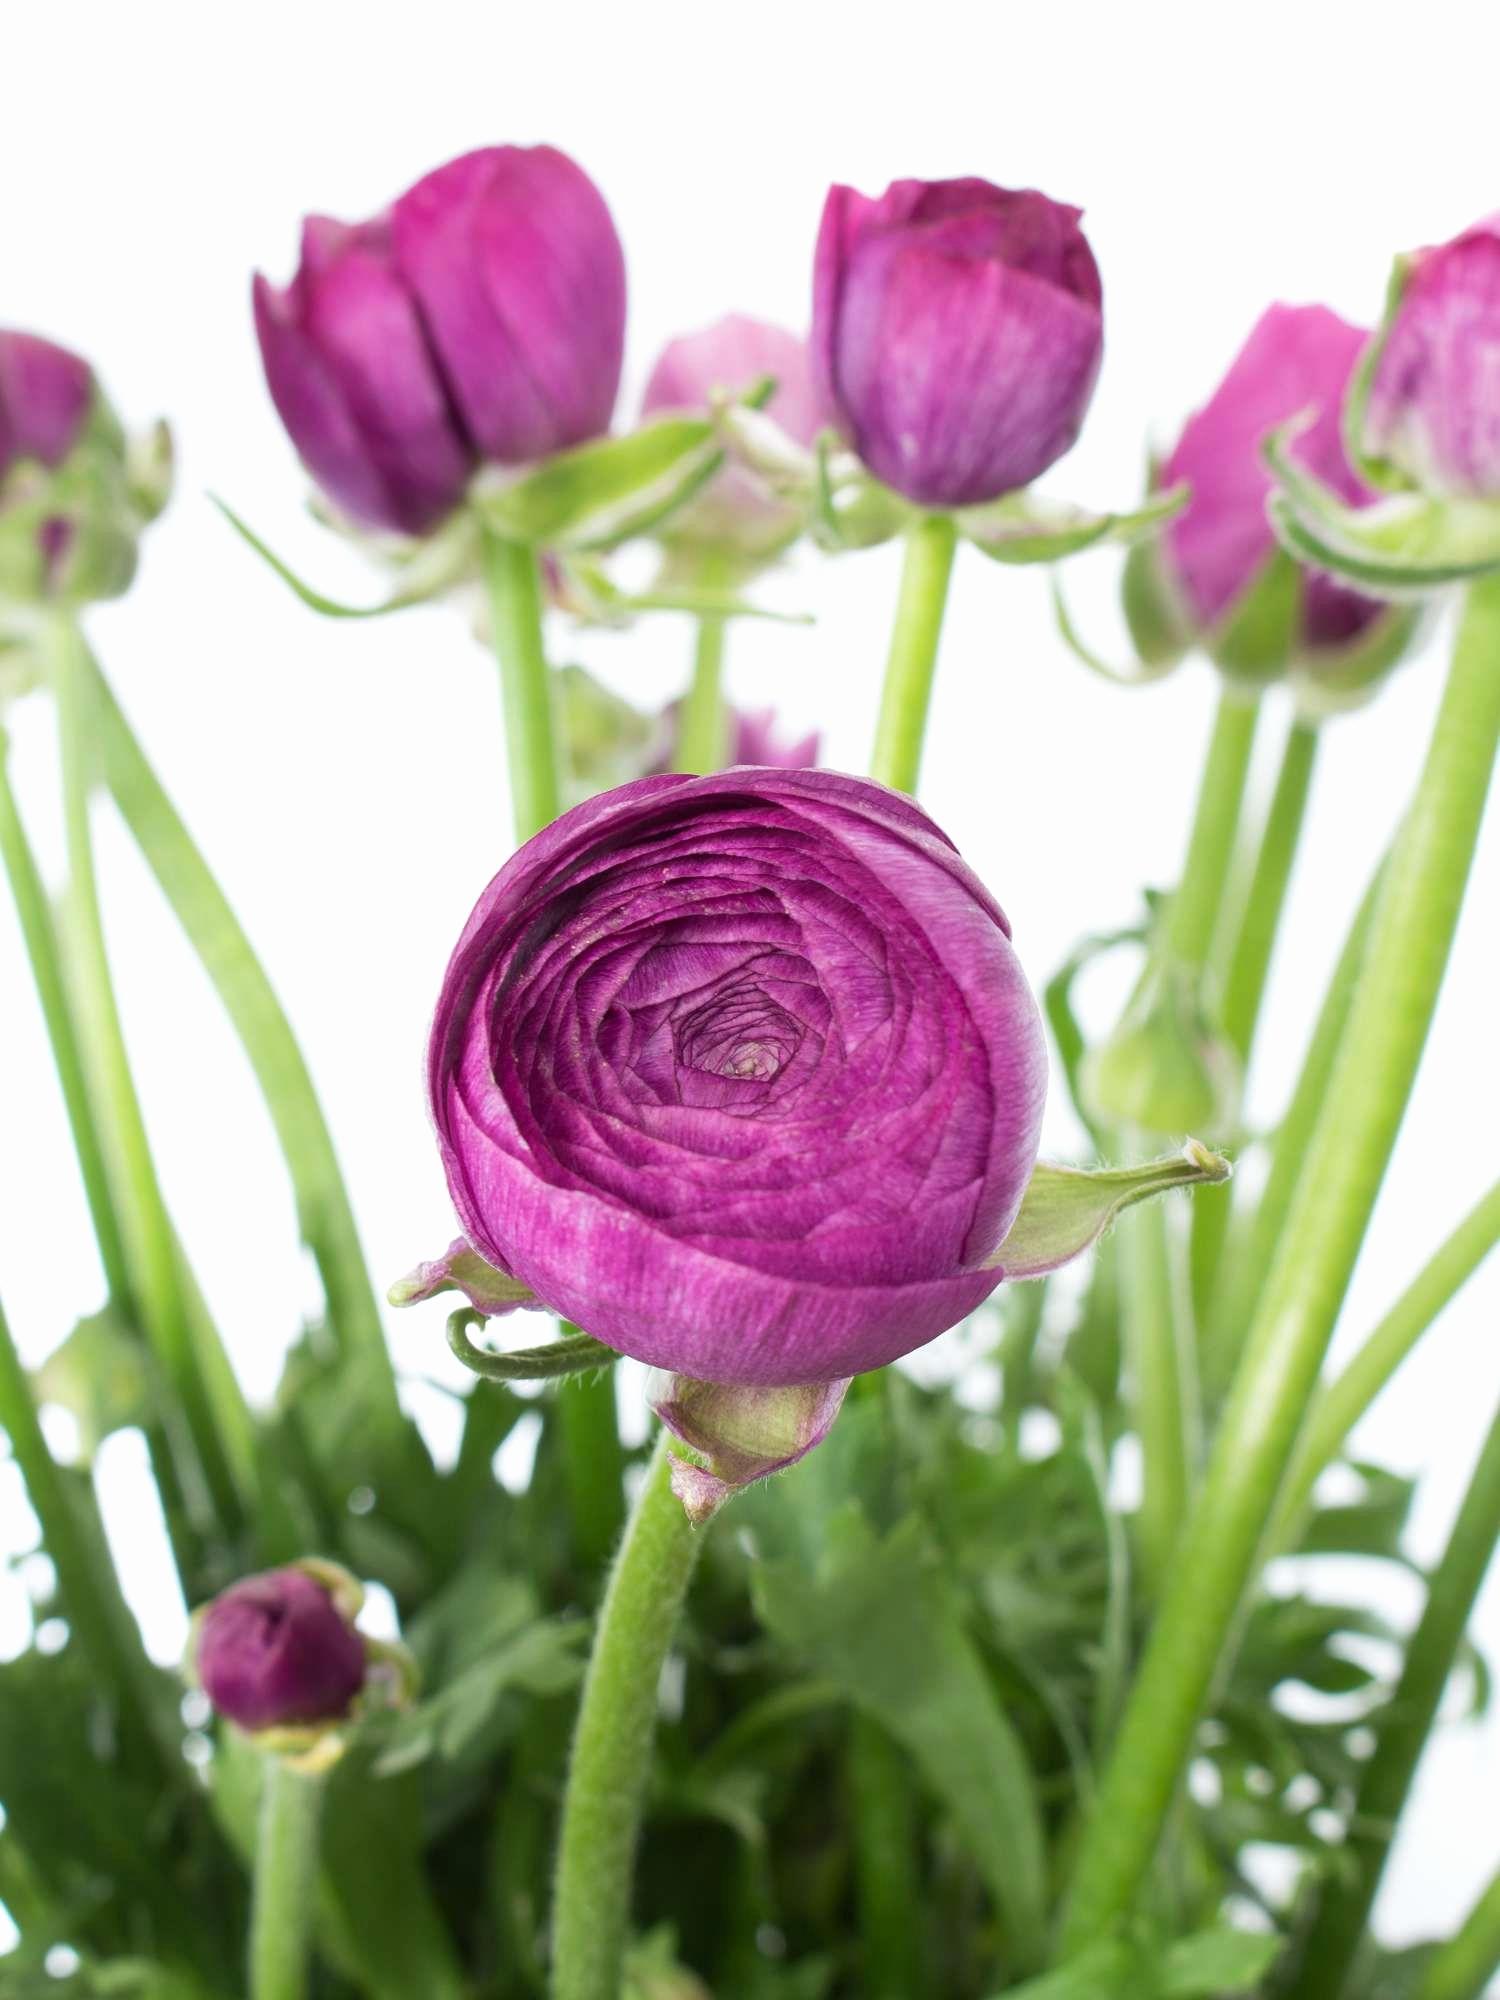 Hintergrundbilder Blumen Kostenlos Herunterladen Einzigartig verwandt mit Bilder Blumen Kostenlos